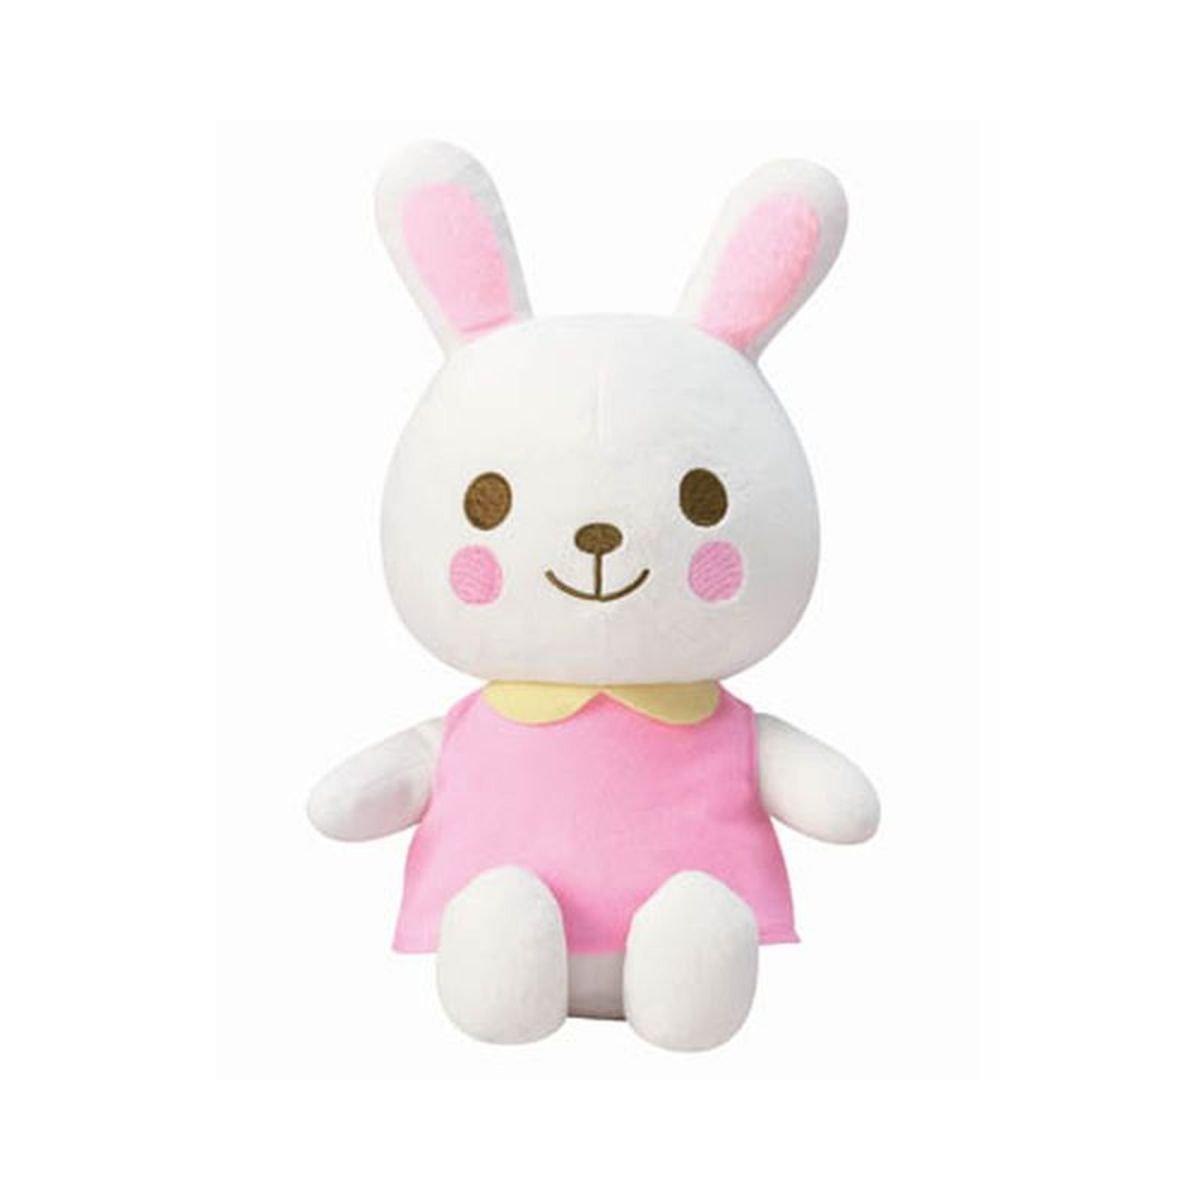 快樂小兔發聲公仔